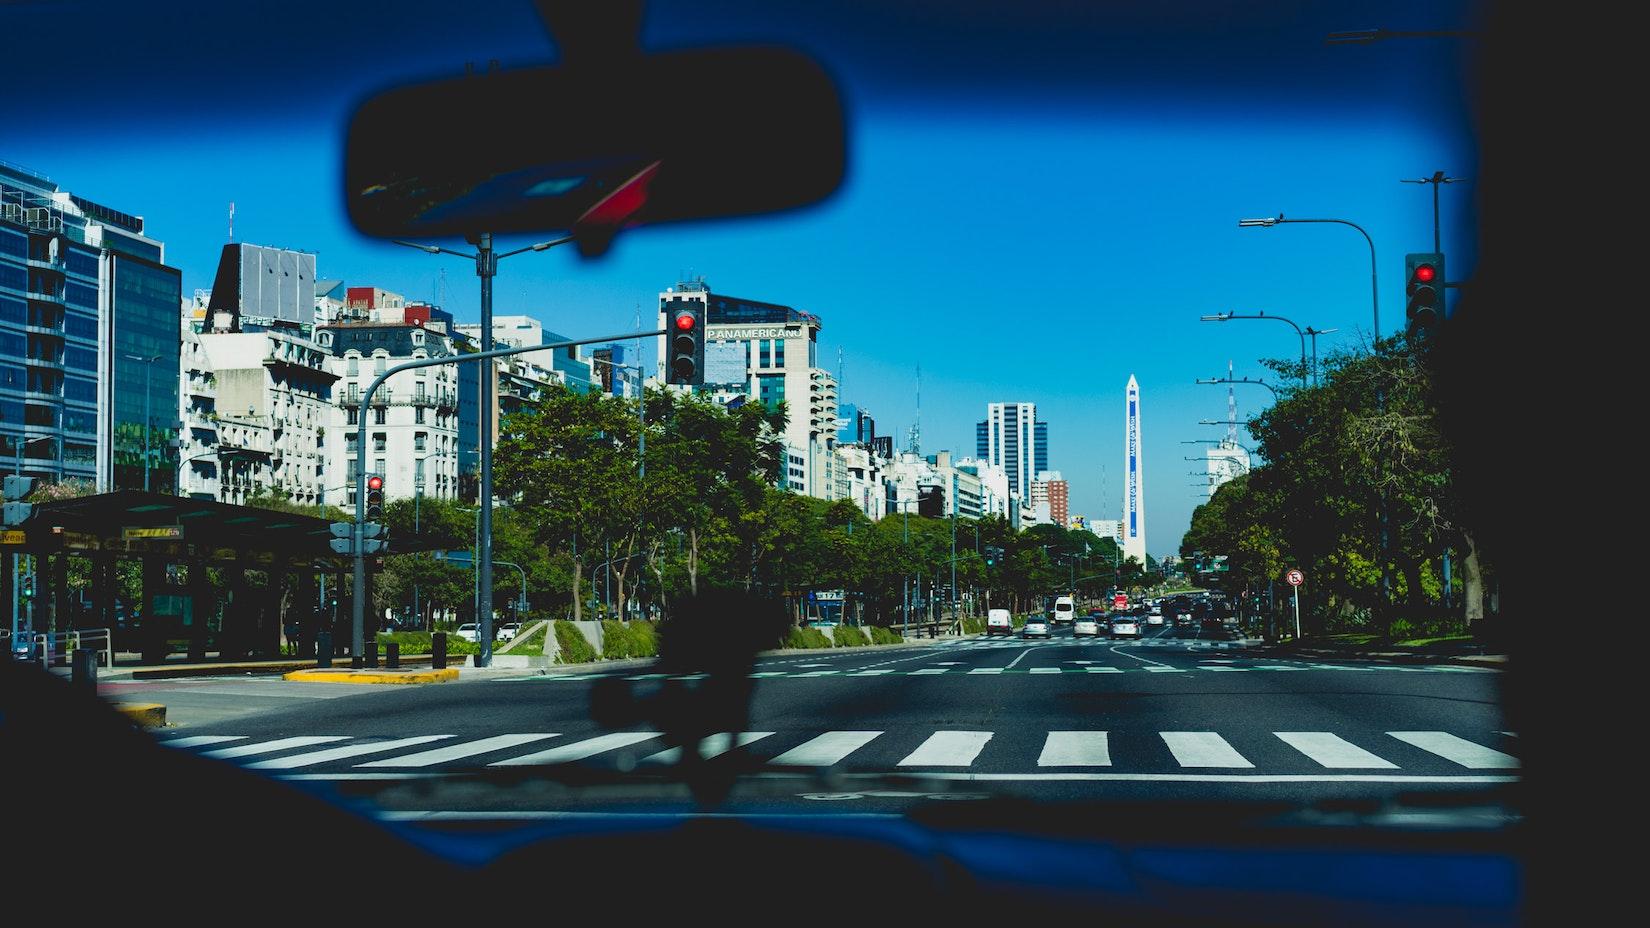 Santa Fe Avenue in Buenos Aires